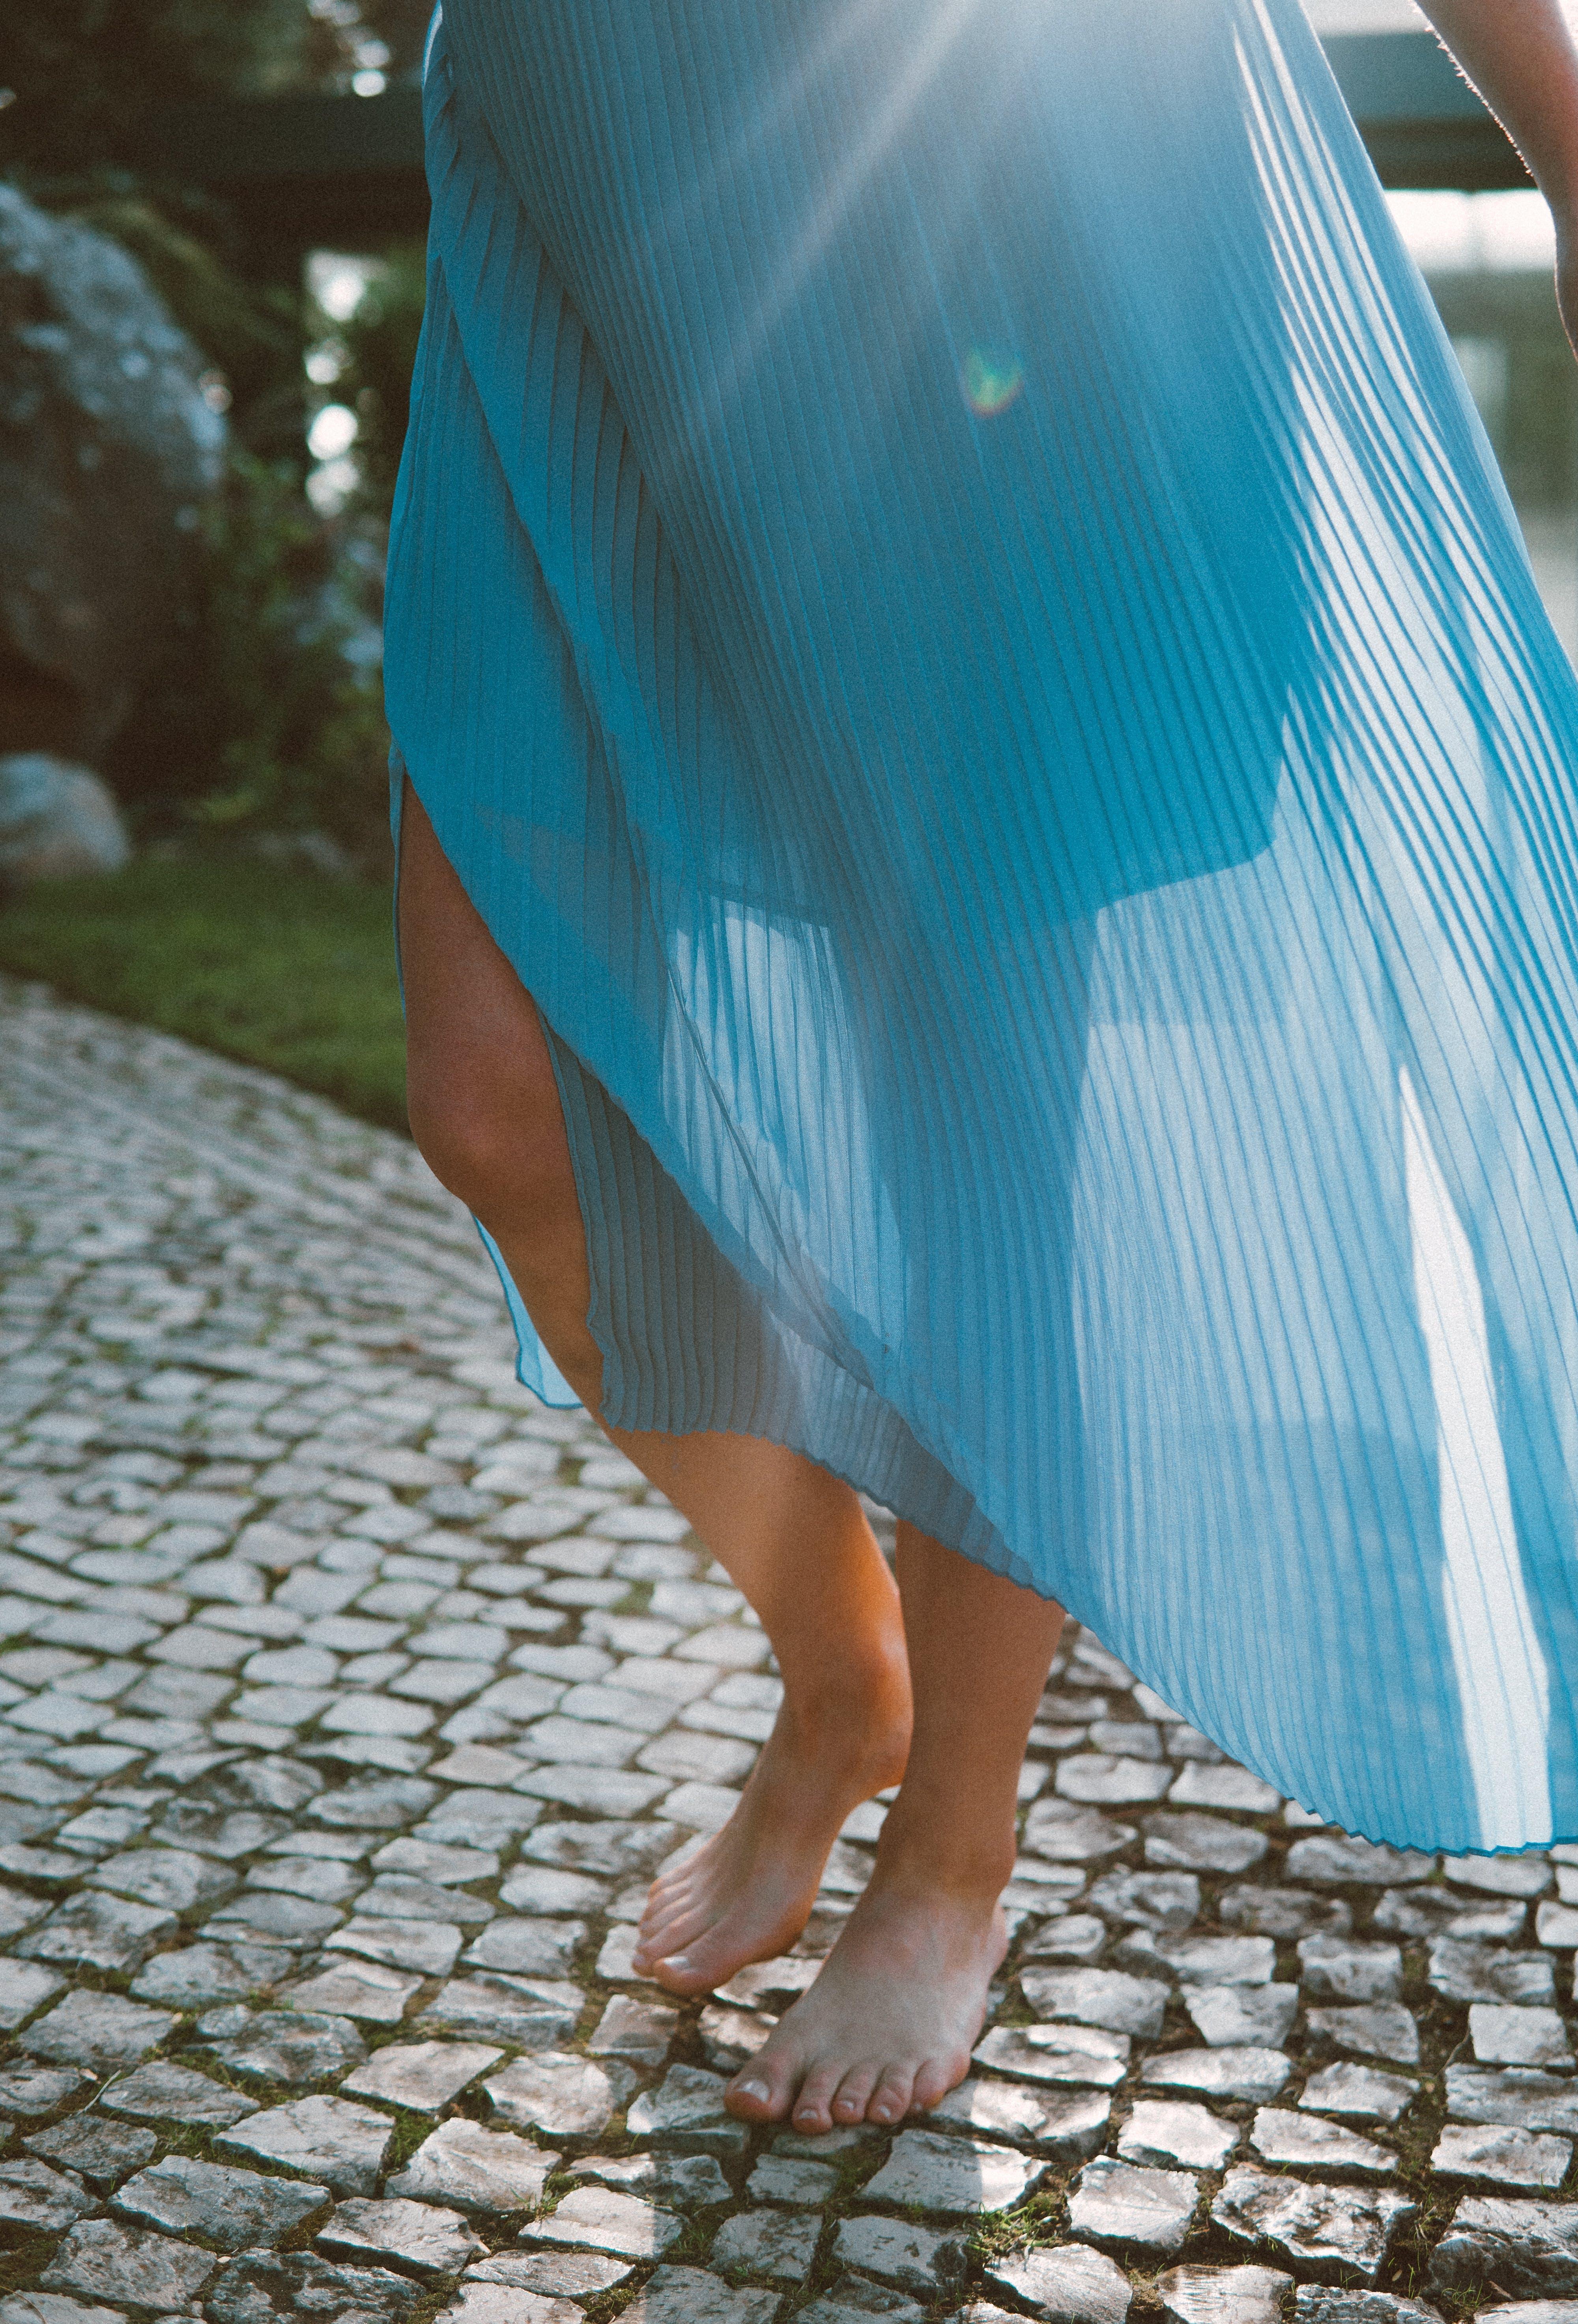 Photo of Woman Wearing Blue Dress